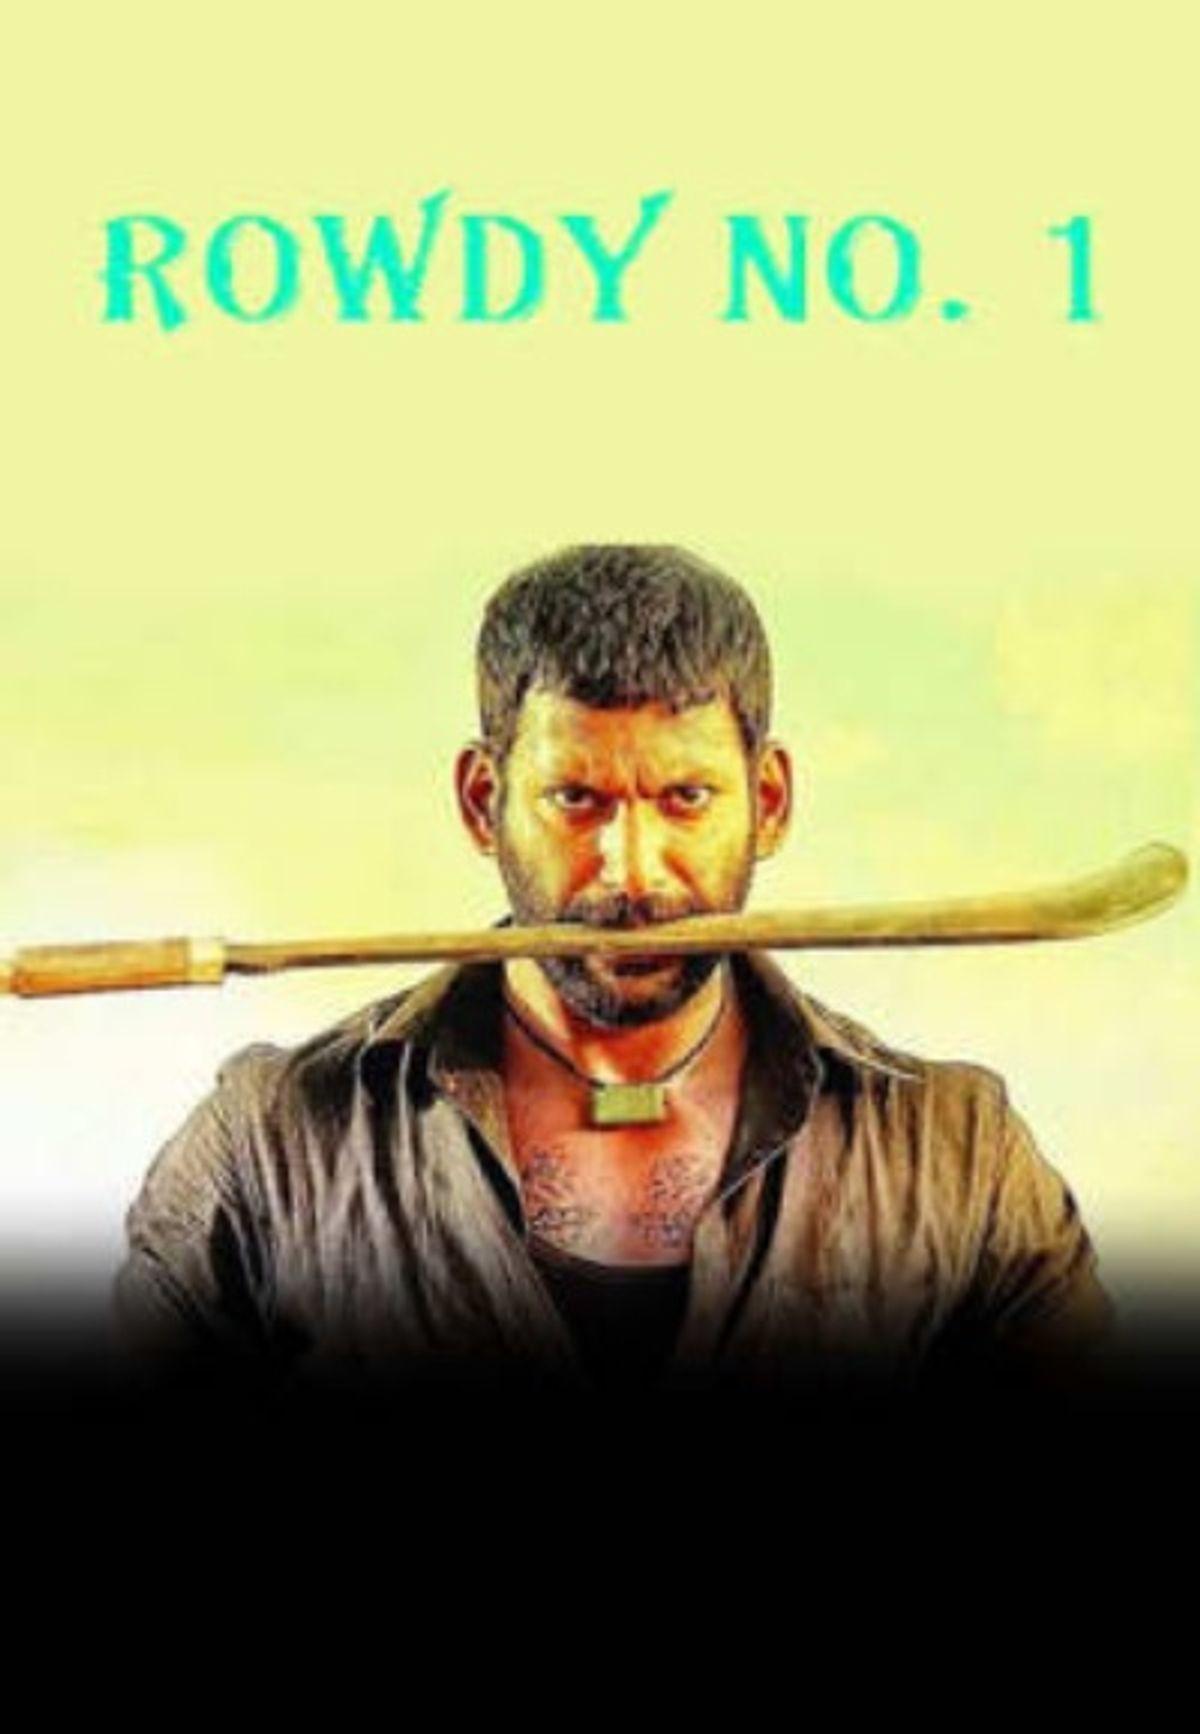 Rowdy No.1